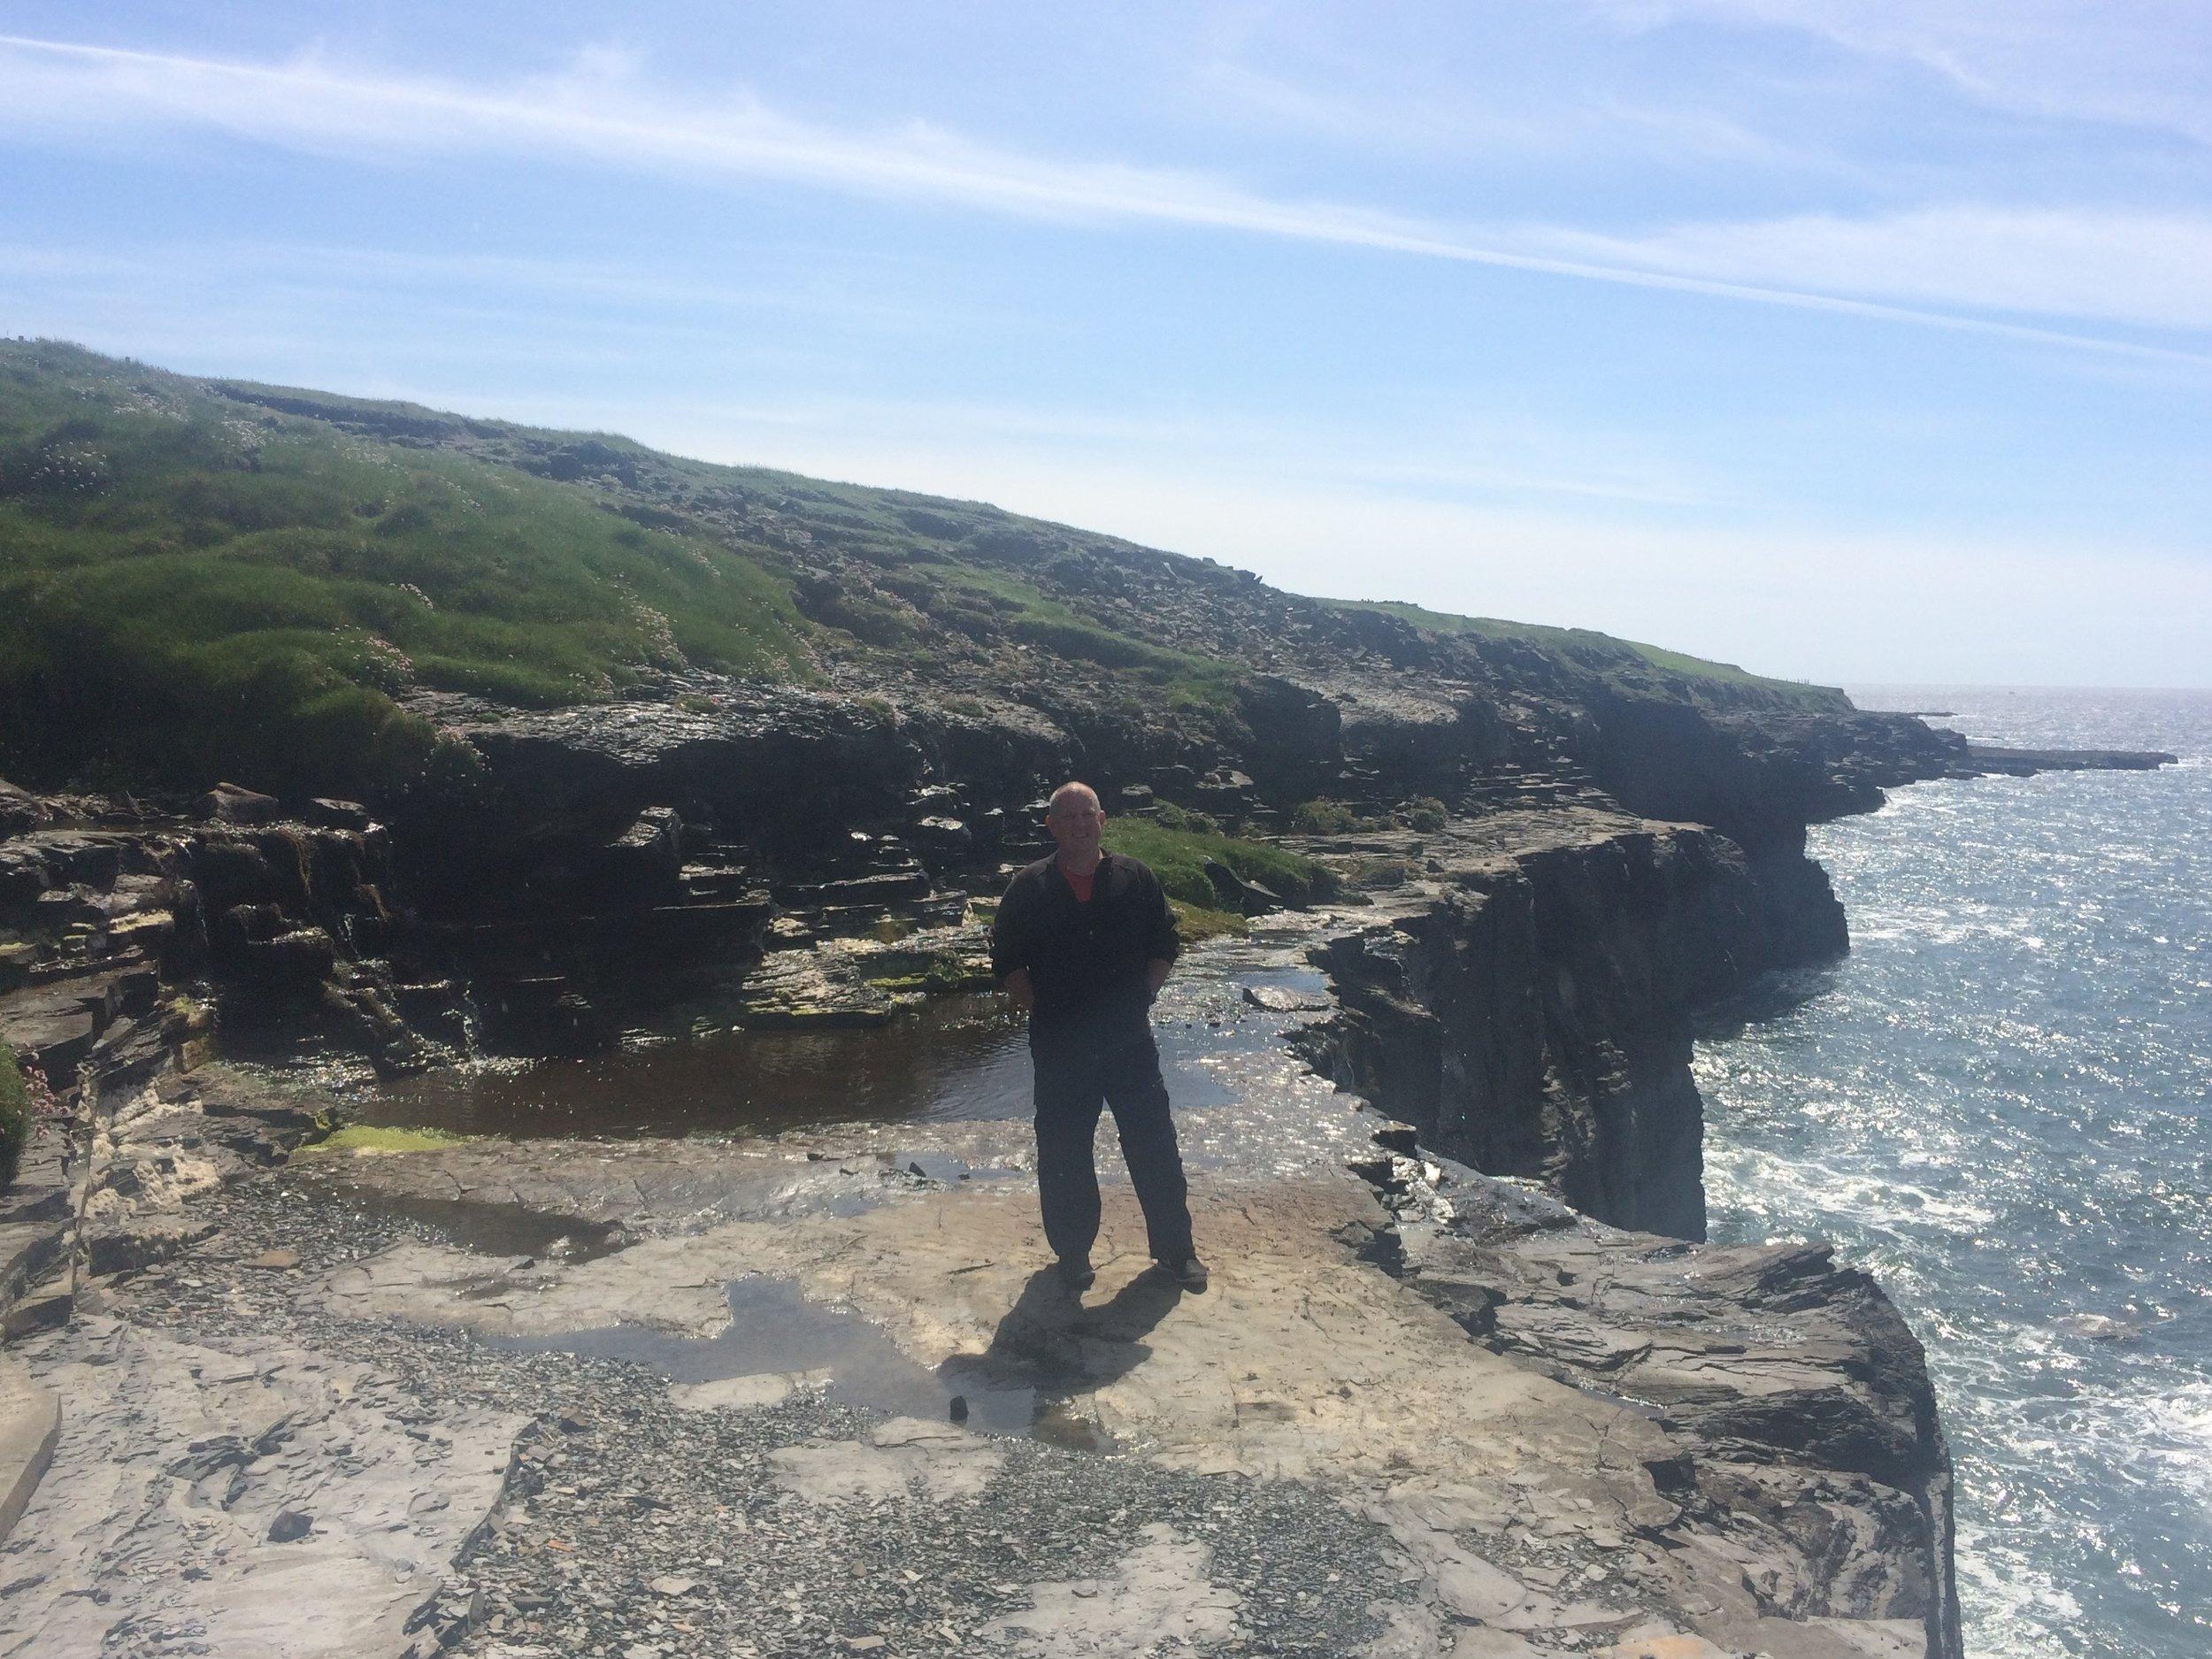 Cliffs of Moher near Doolin, Ireland